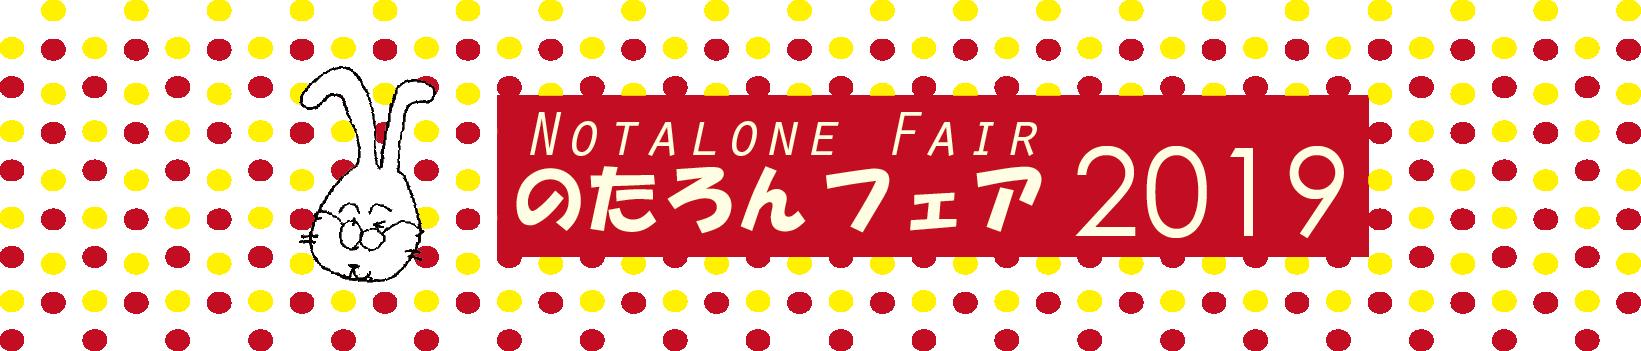 のたろんフェア2019